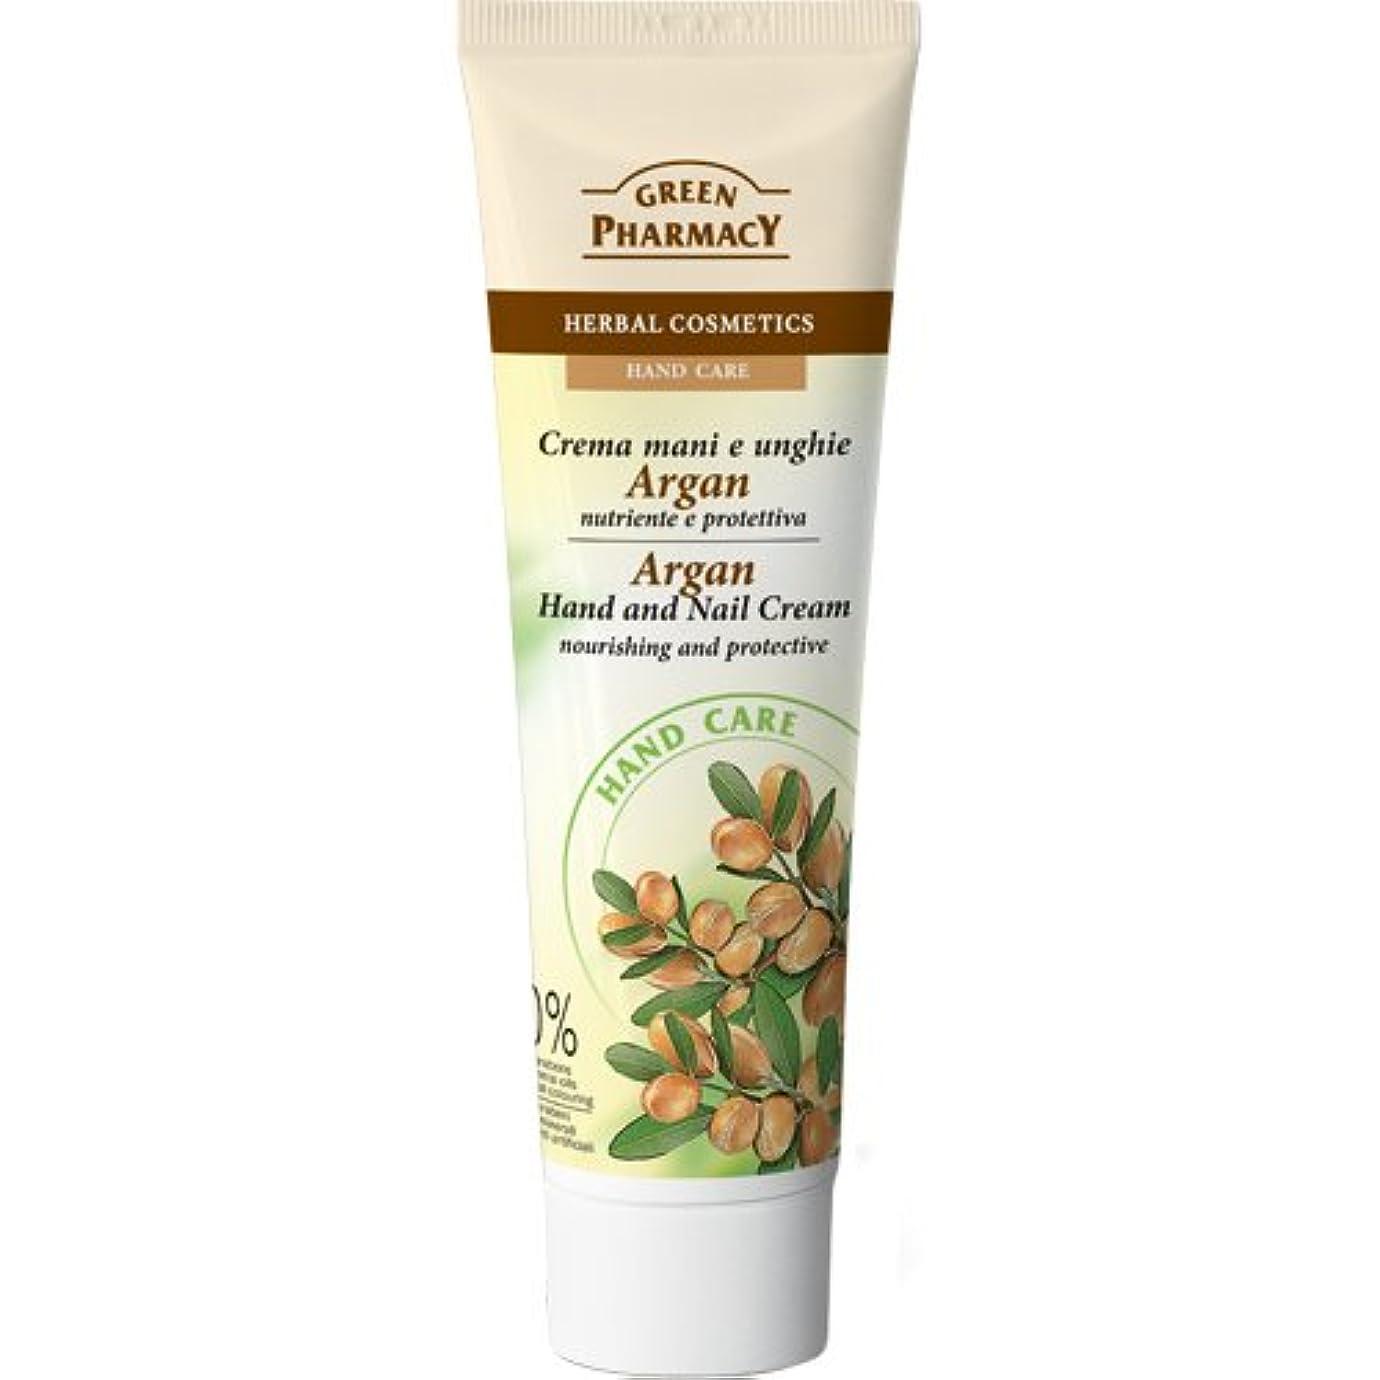 罰部分的におじさんElfa Pharm Green Pharmacy グリーンファーマシー Hand&Nail Cream ハンド&ネイルクリーム Argan Oil